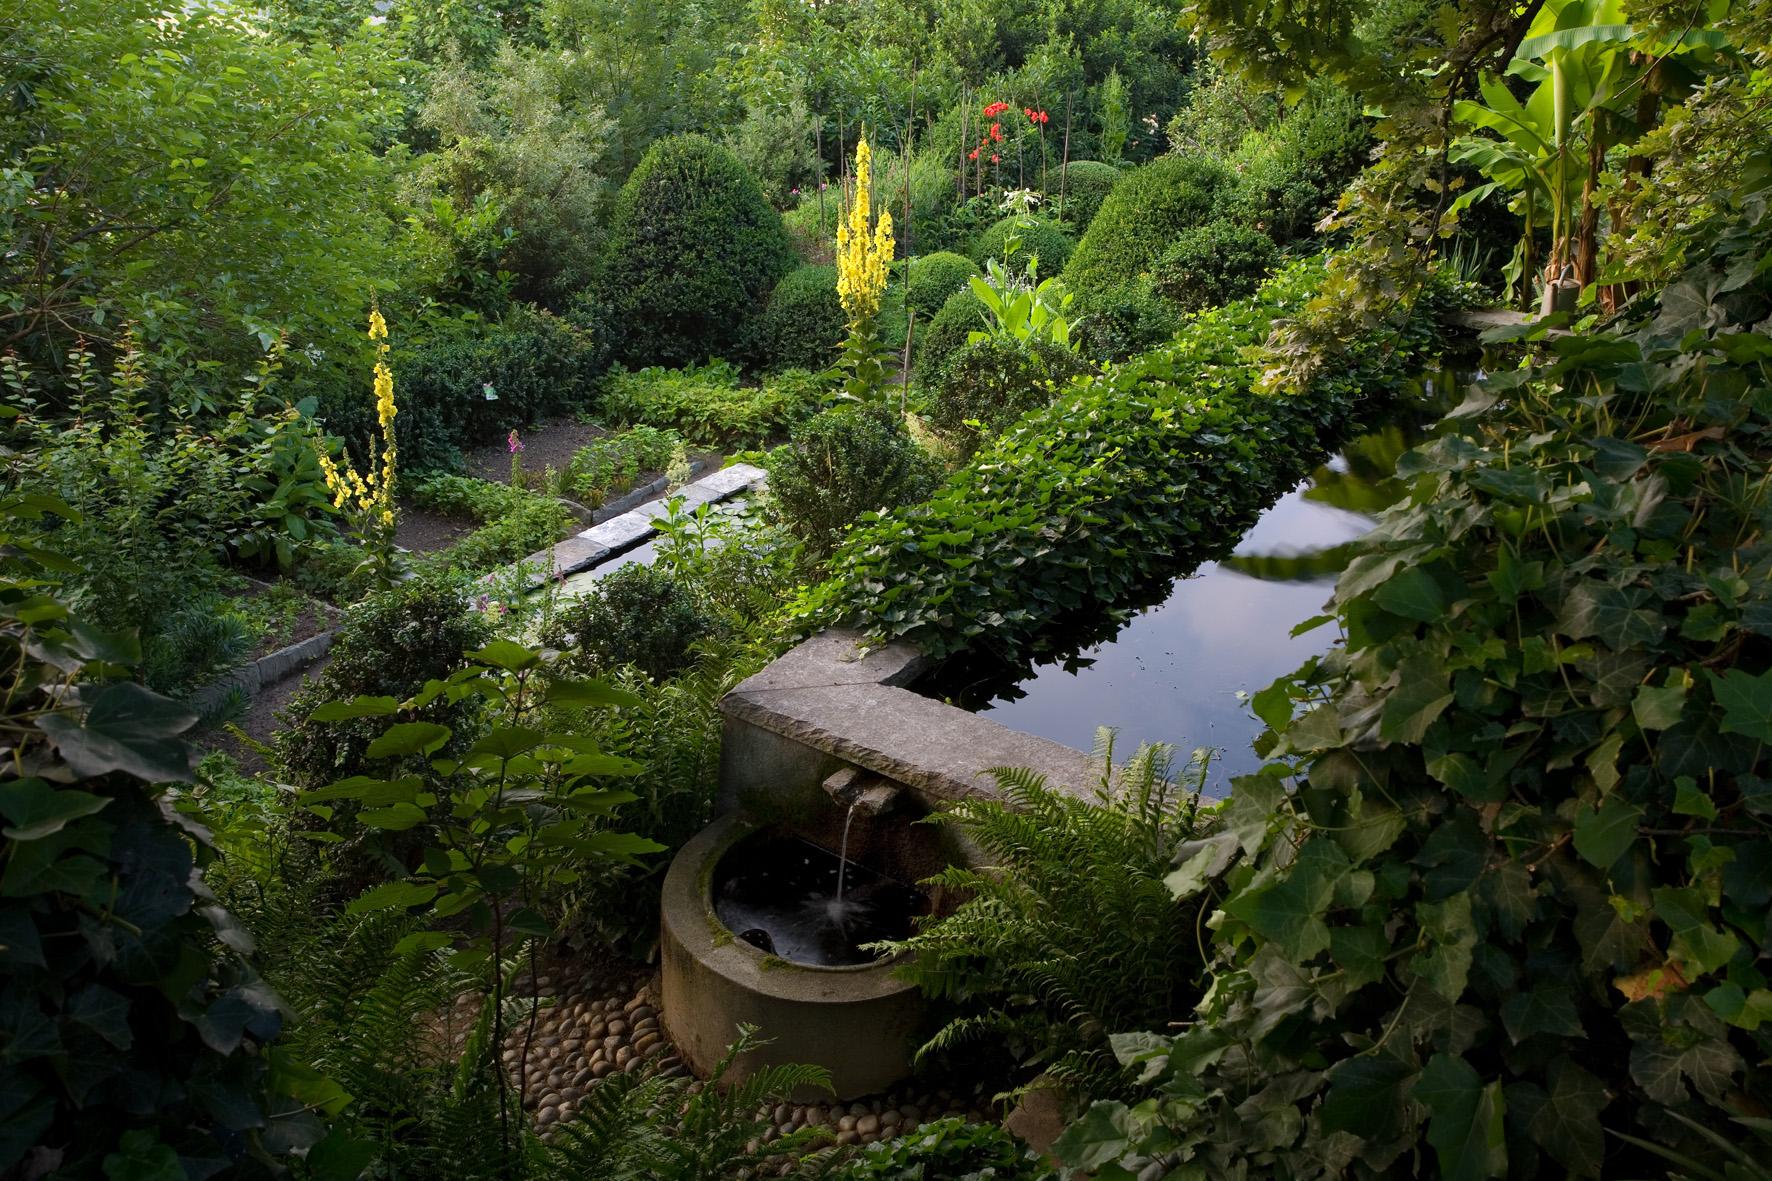 Alla scoperta dei giardini segreti del bel paese - Il giardino dei fiori segreti ...